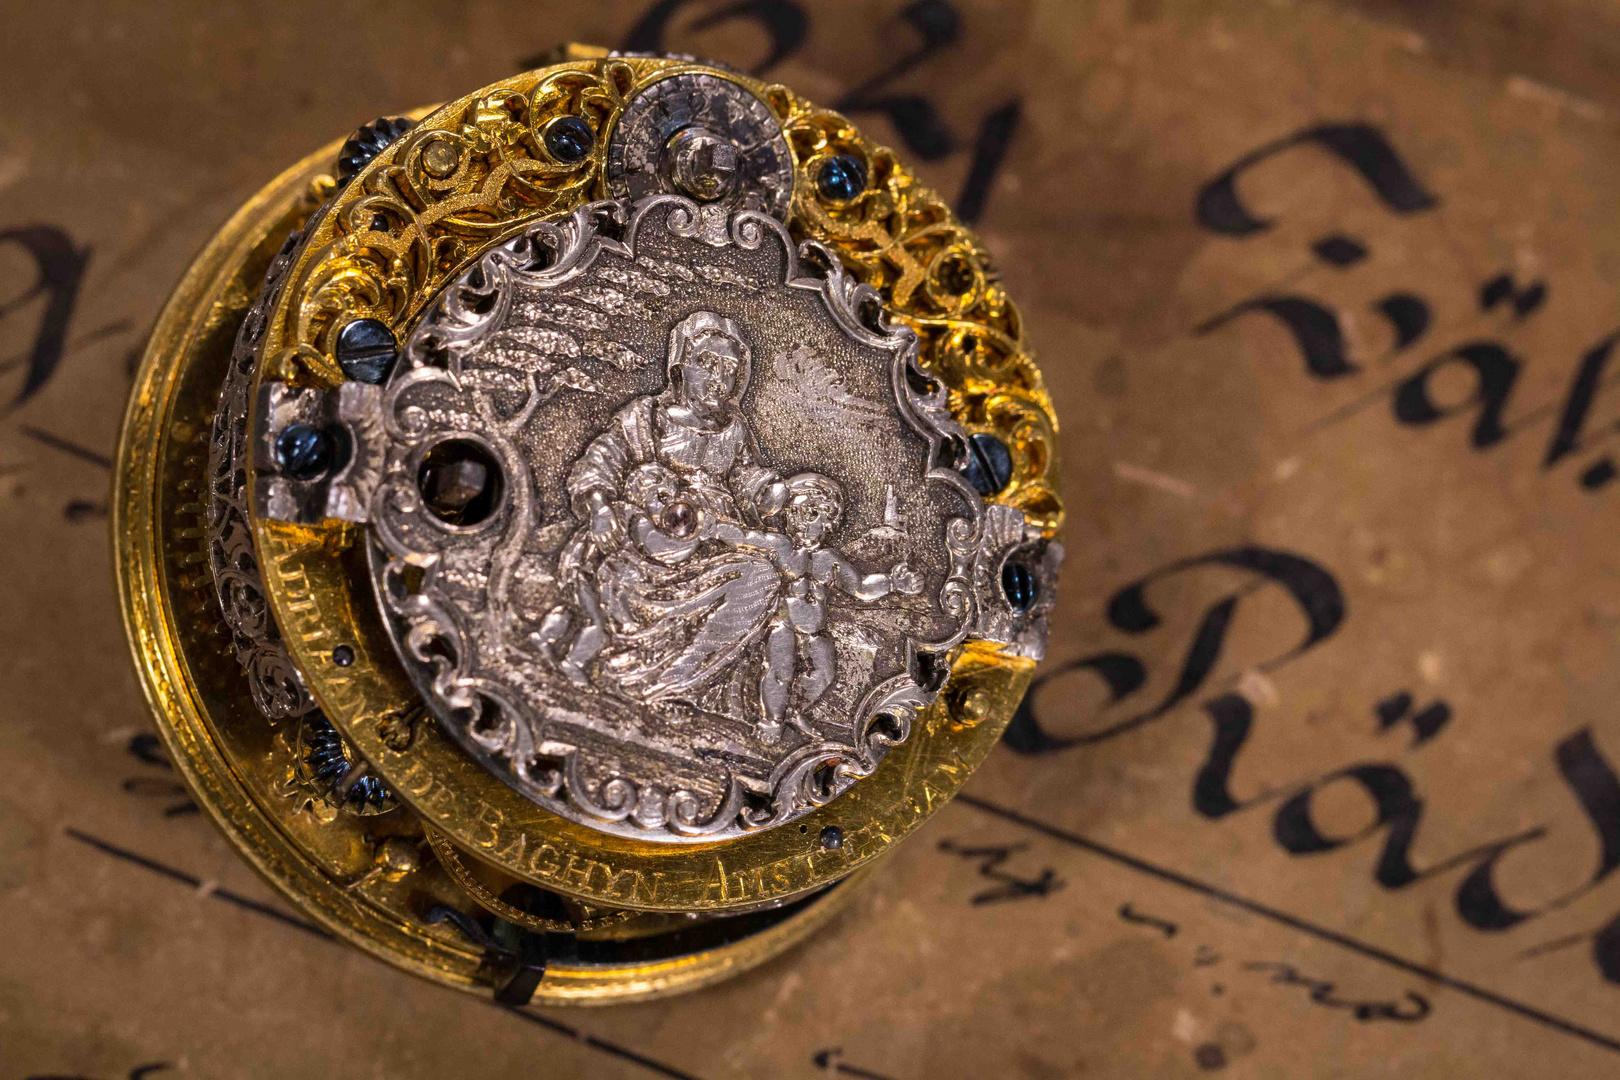 Werk einer antiken Taschenuhr mit religiösem Motiv auf dem Kloben